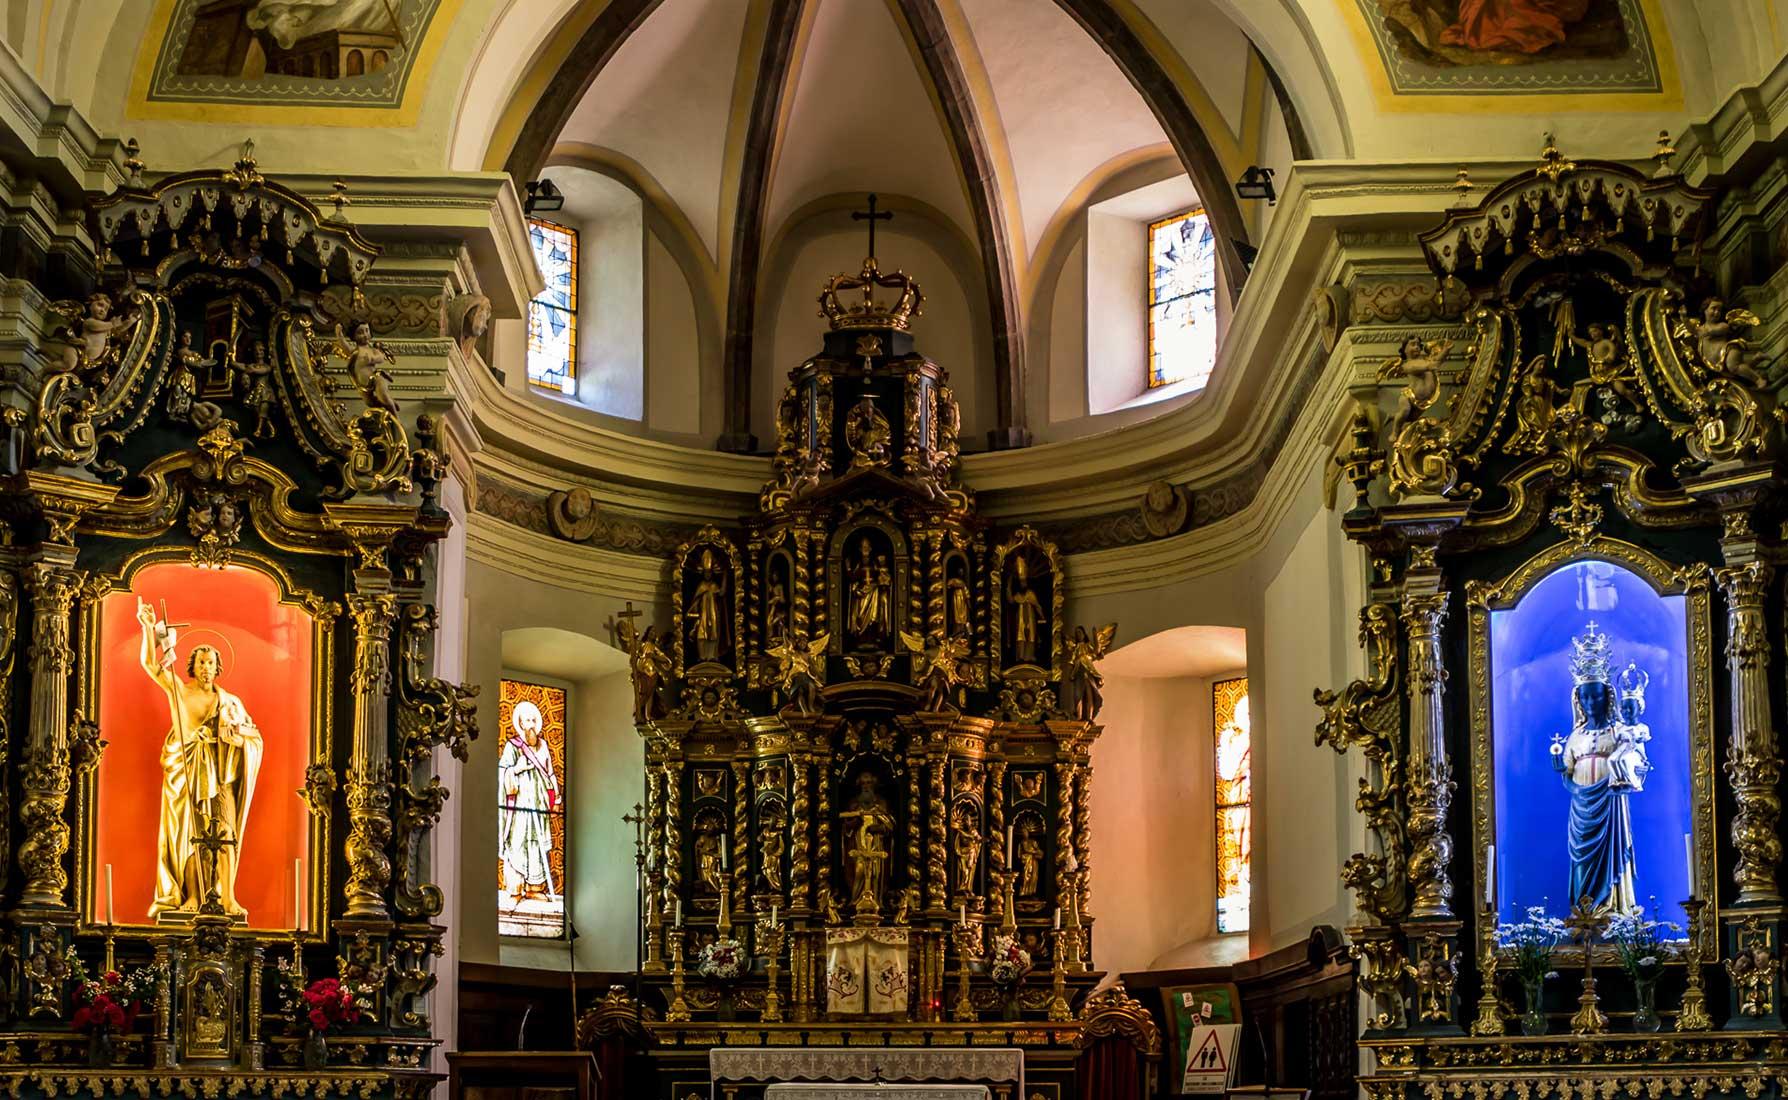 Il presbiterio con abside rotonda risalente al XV secolo.